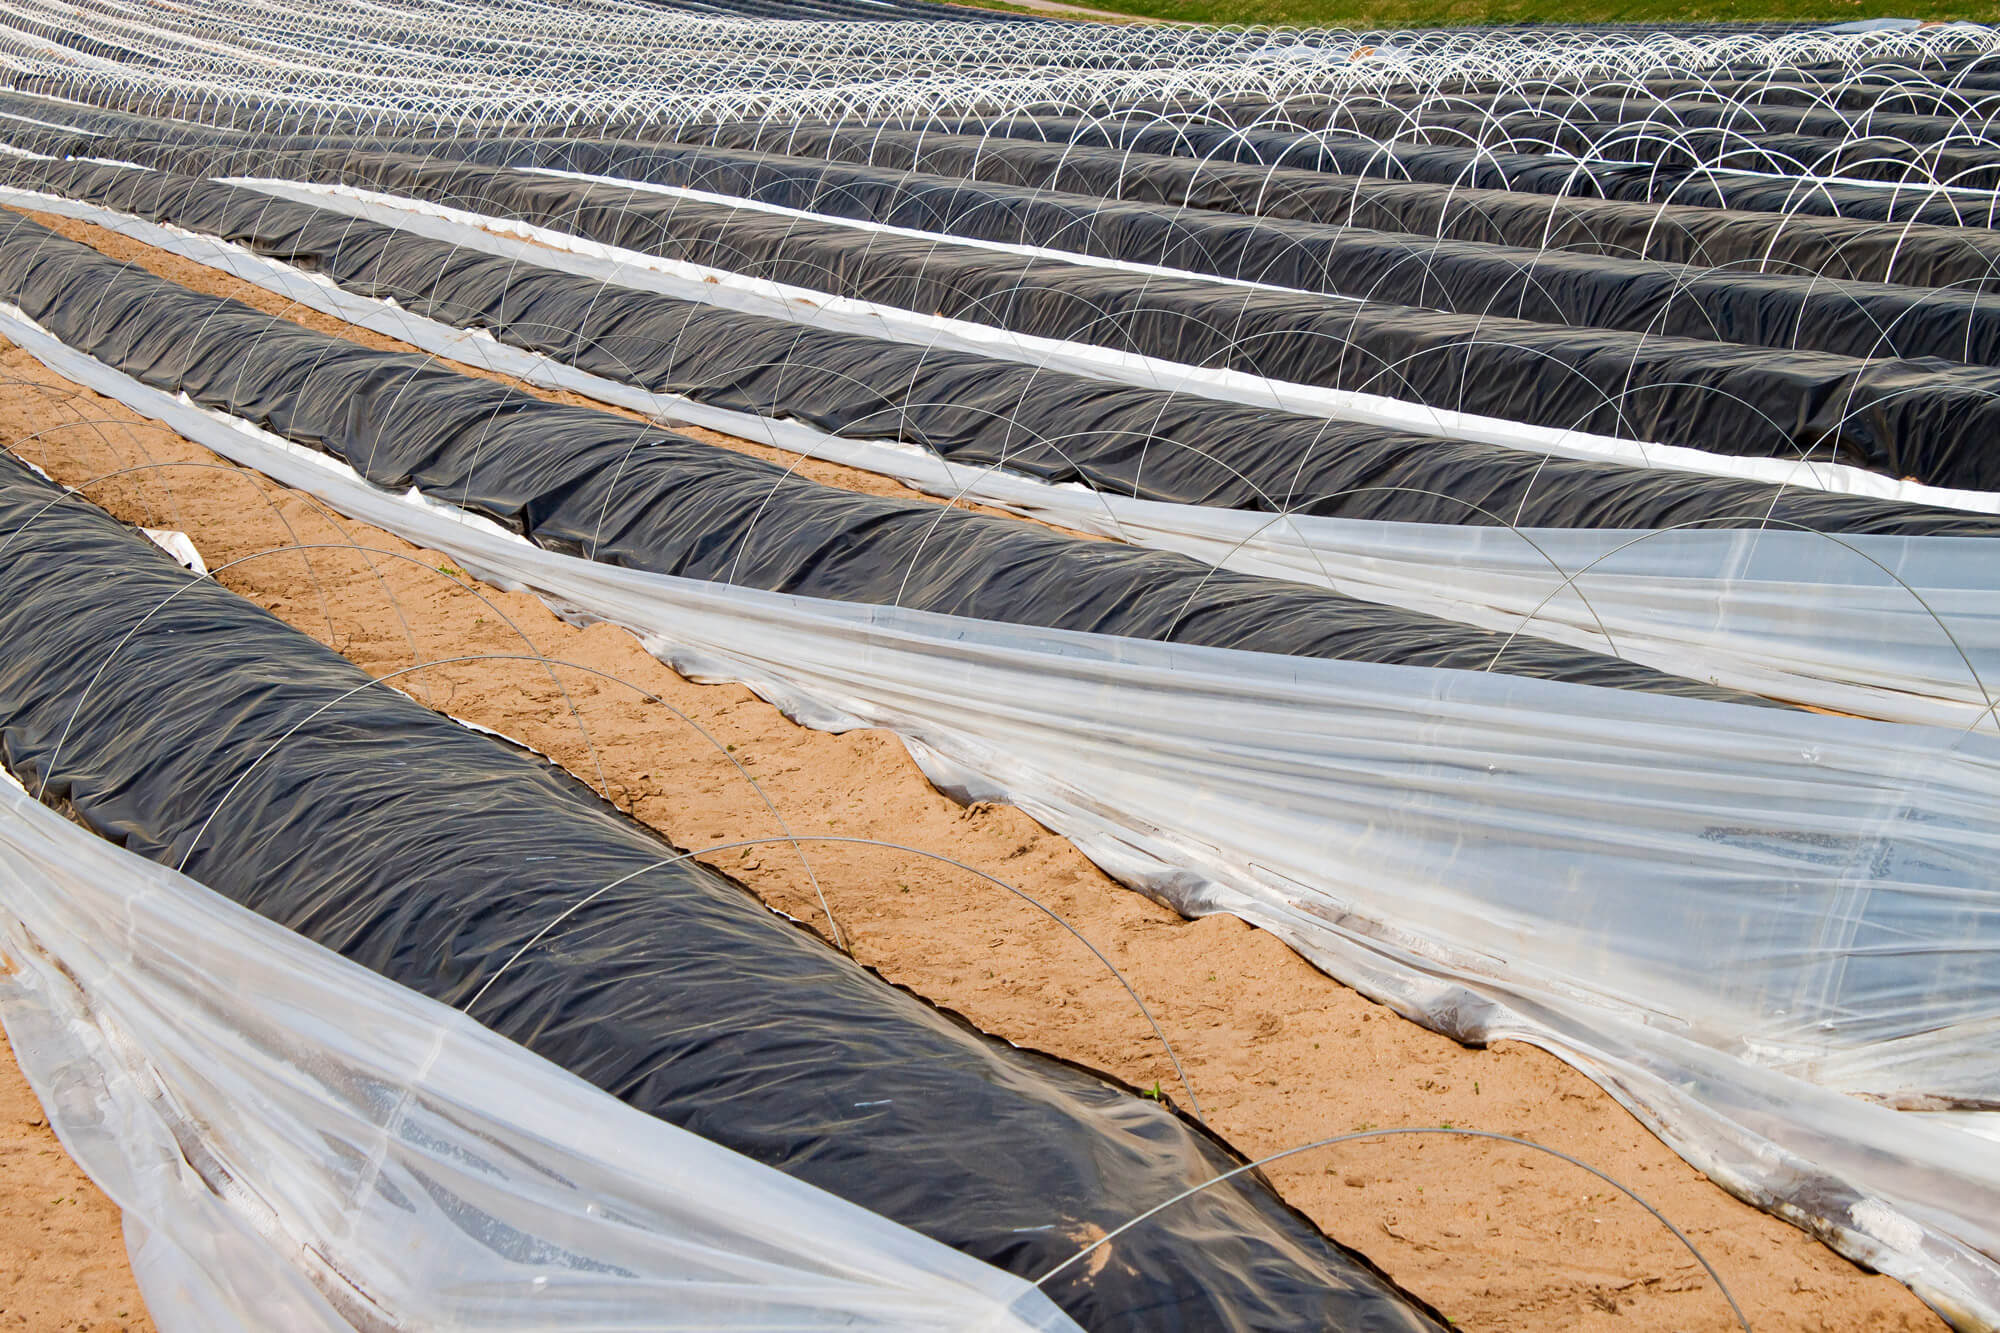 Feldfolie für den Agrarbetrieb